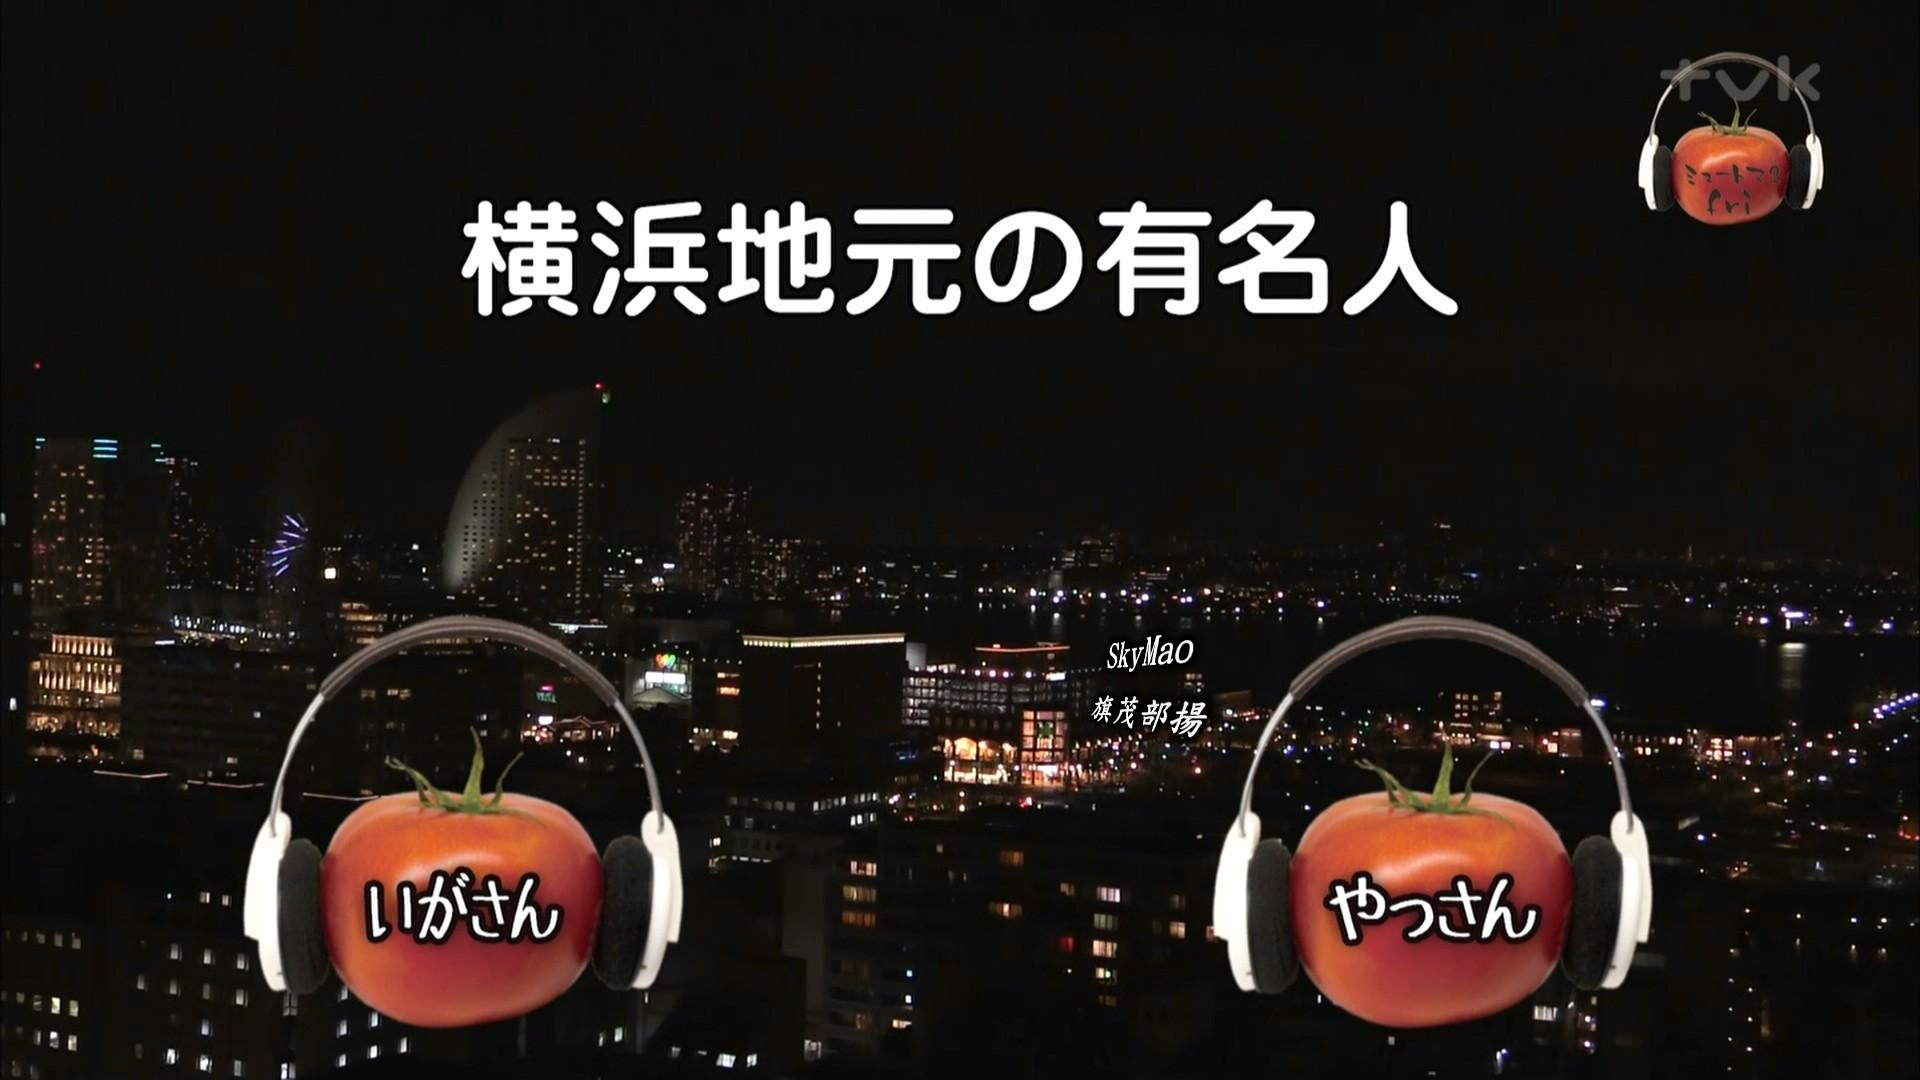 2017.04.21 全場(ミュートマ2).ts_20170421_234932.765